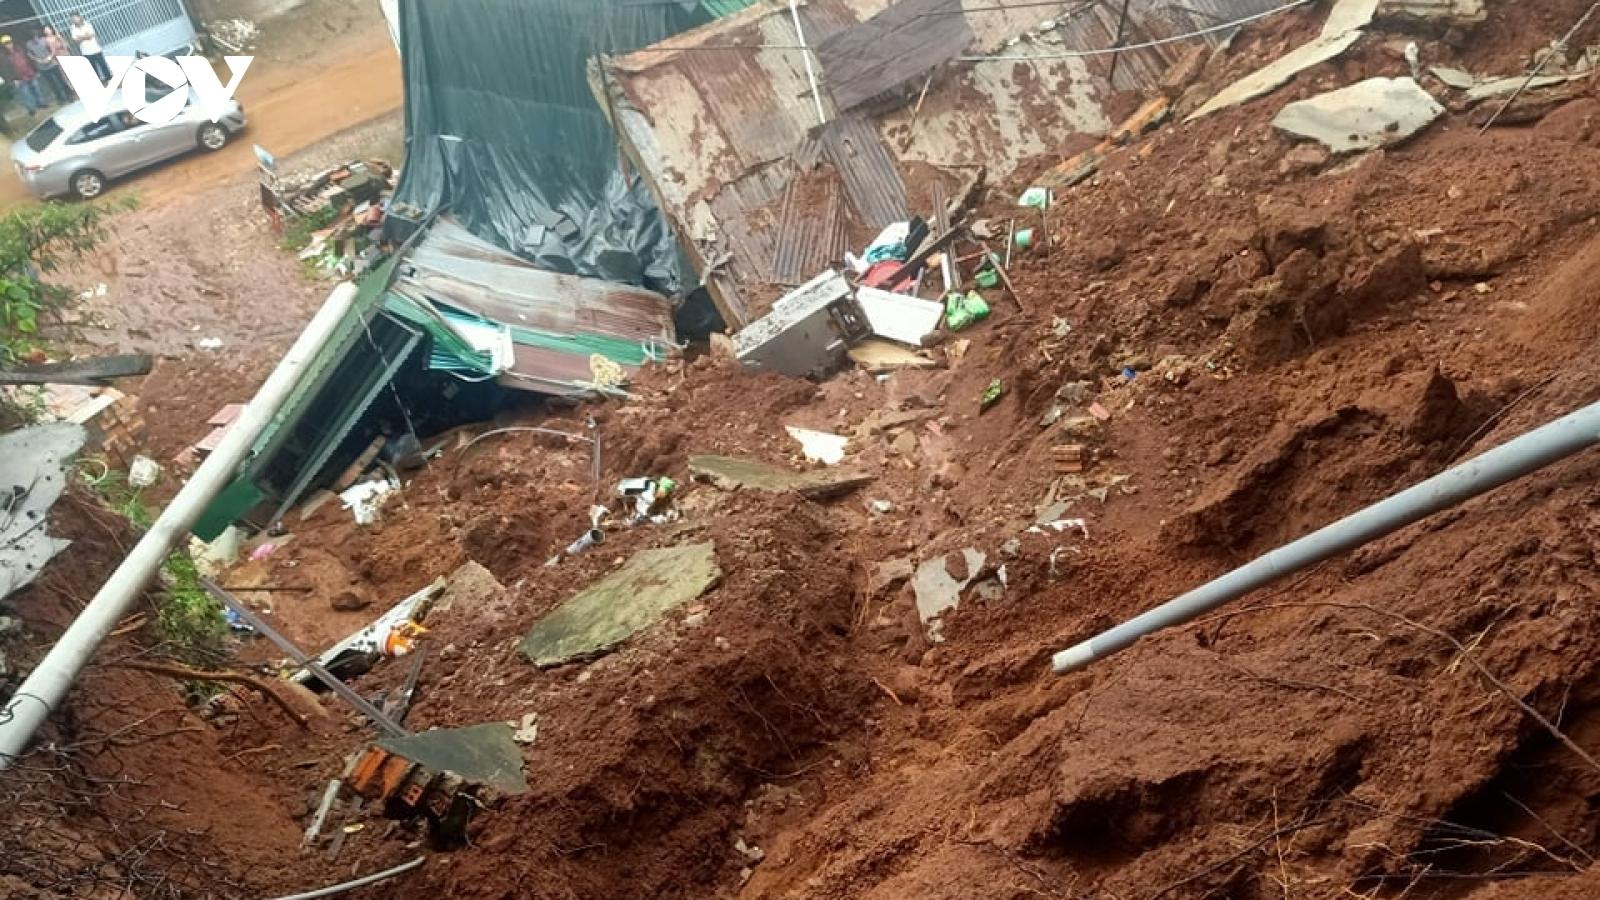 Mưa lụt ở Buôn Ma Thuột khiến một nhà sập, 10 hộ khác phải di dời